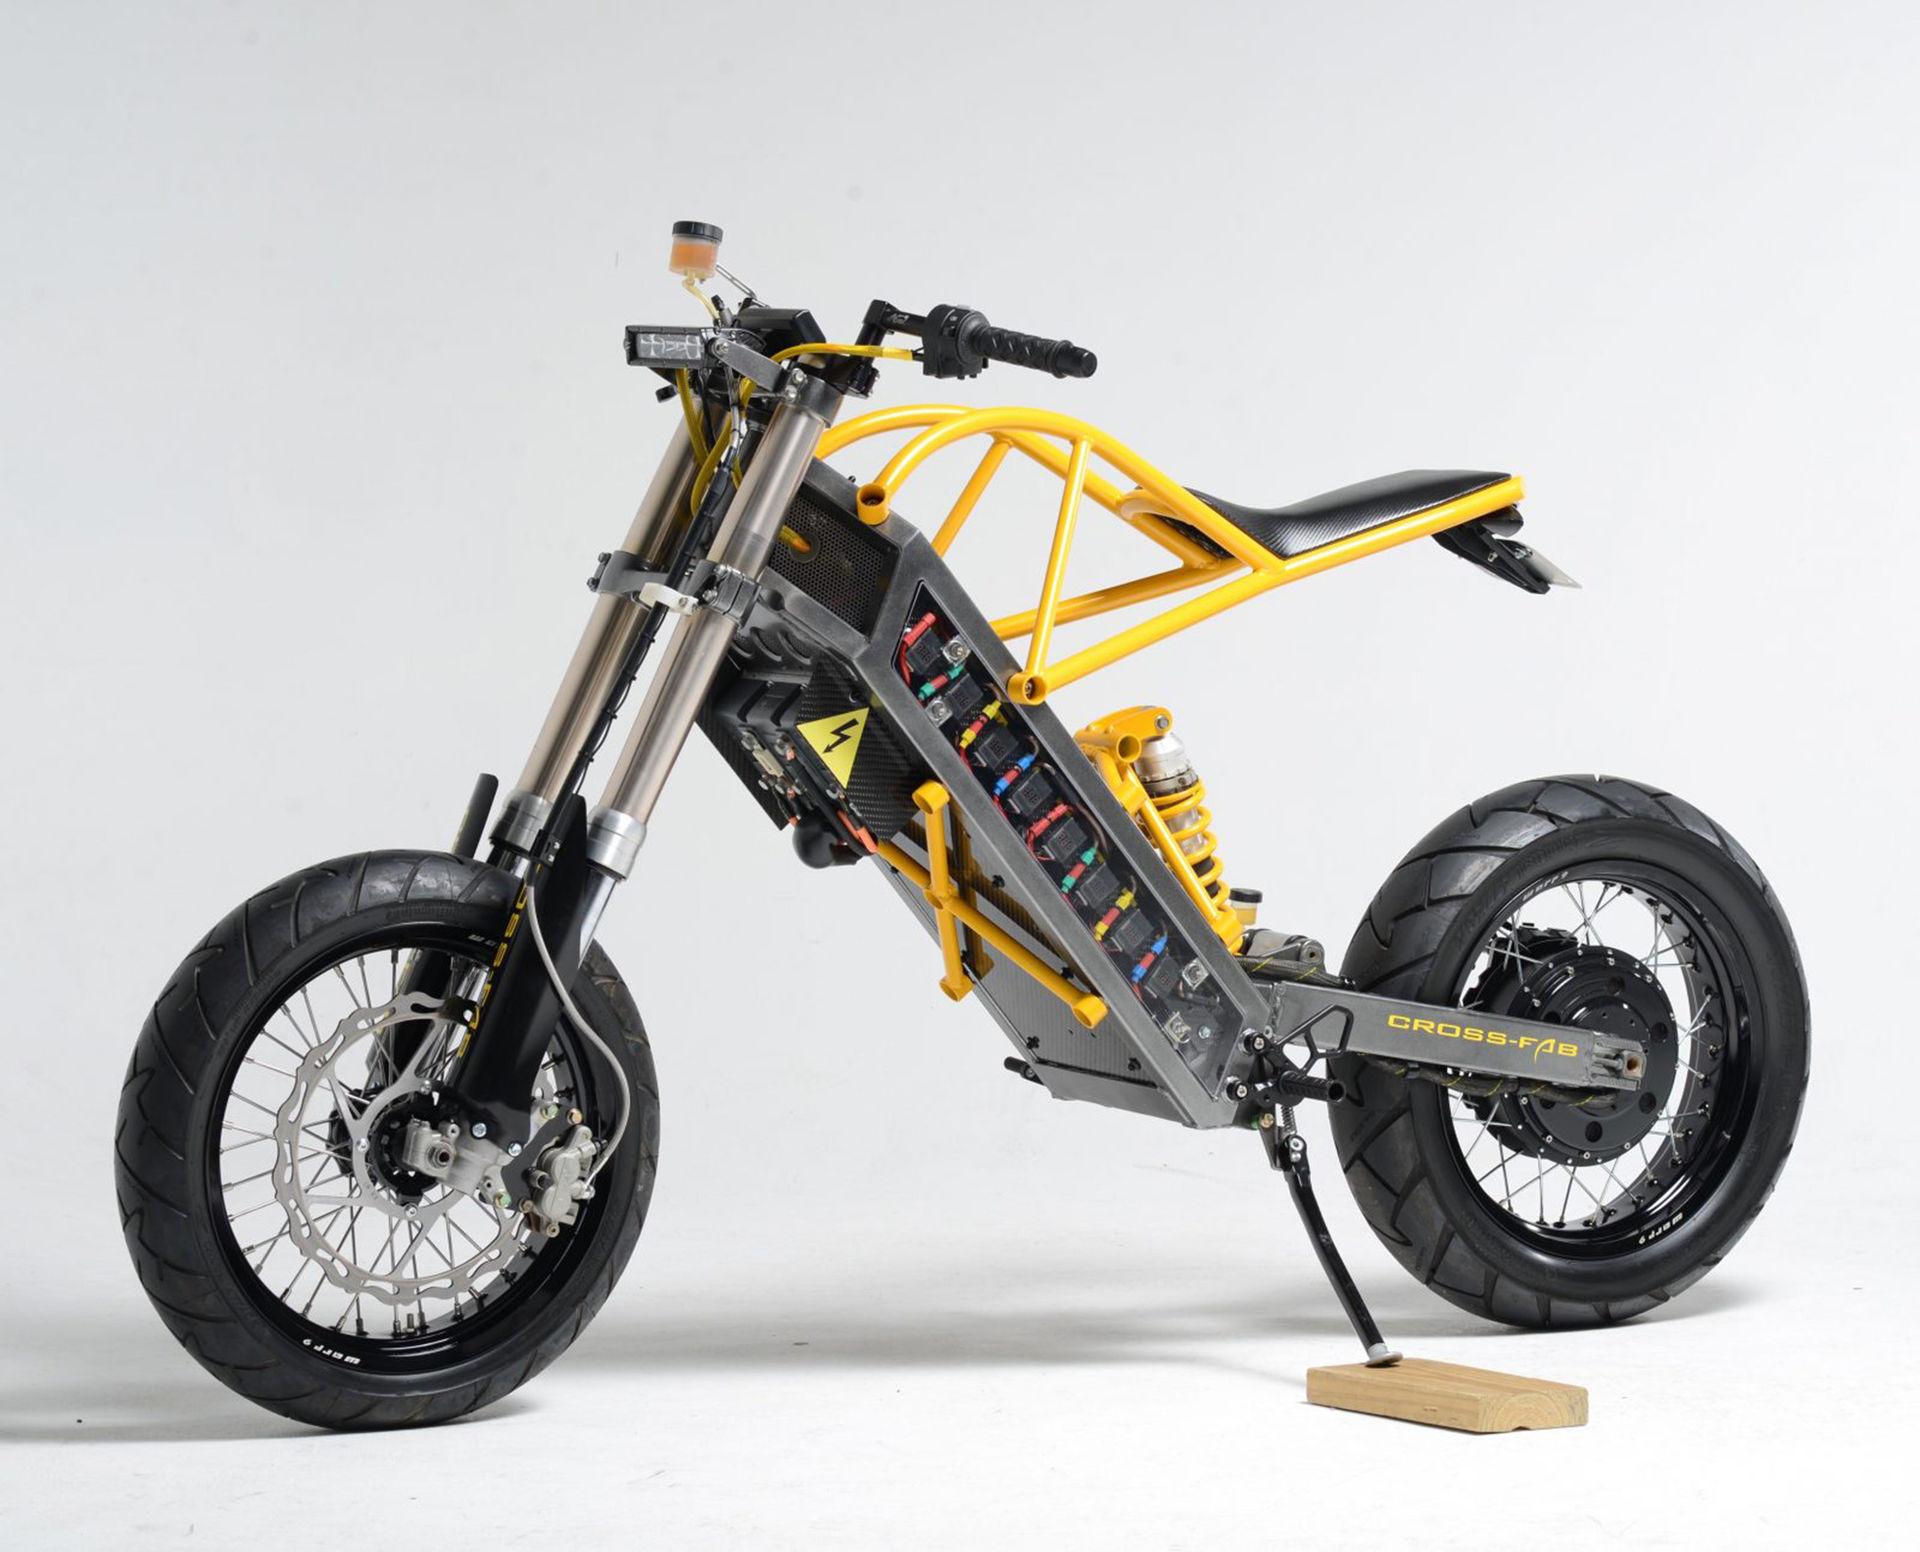 Elektrisk motorcykel framtagen av veterinär